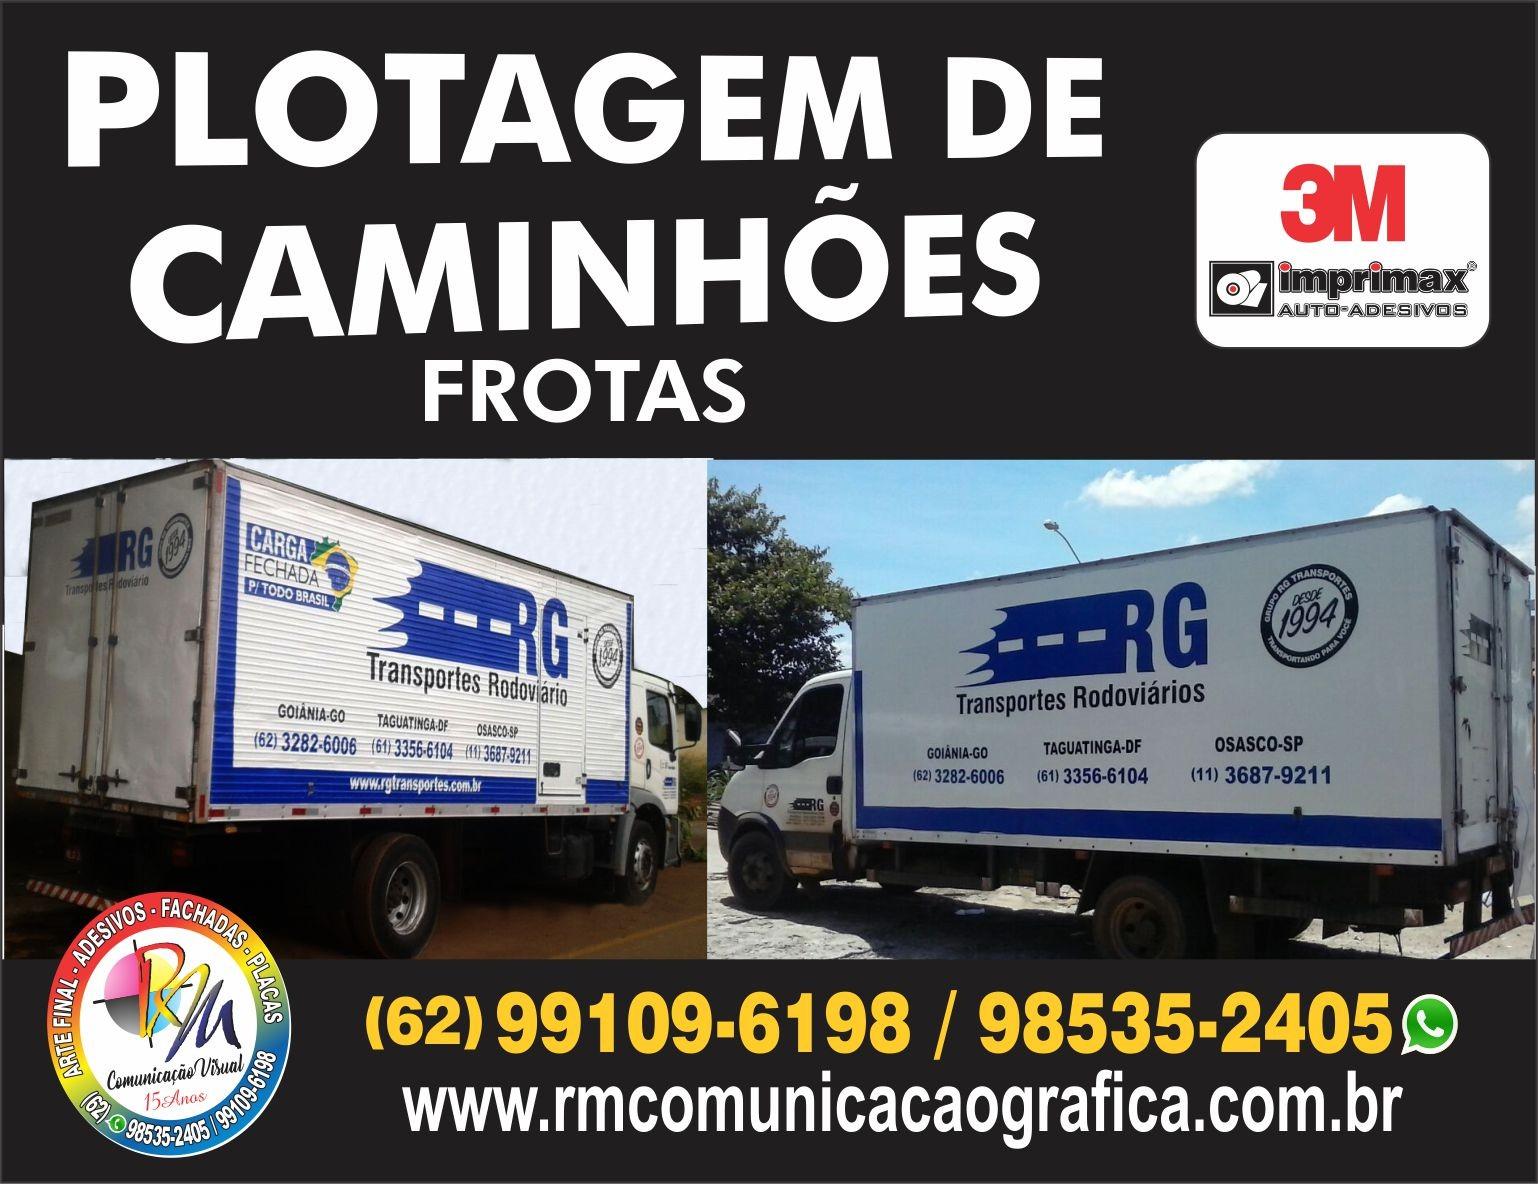 rmcomunicacaografica.loja2.com.br/img/05666f5153ca5d7111904221c25d9e5e.jpg